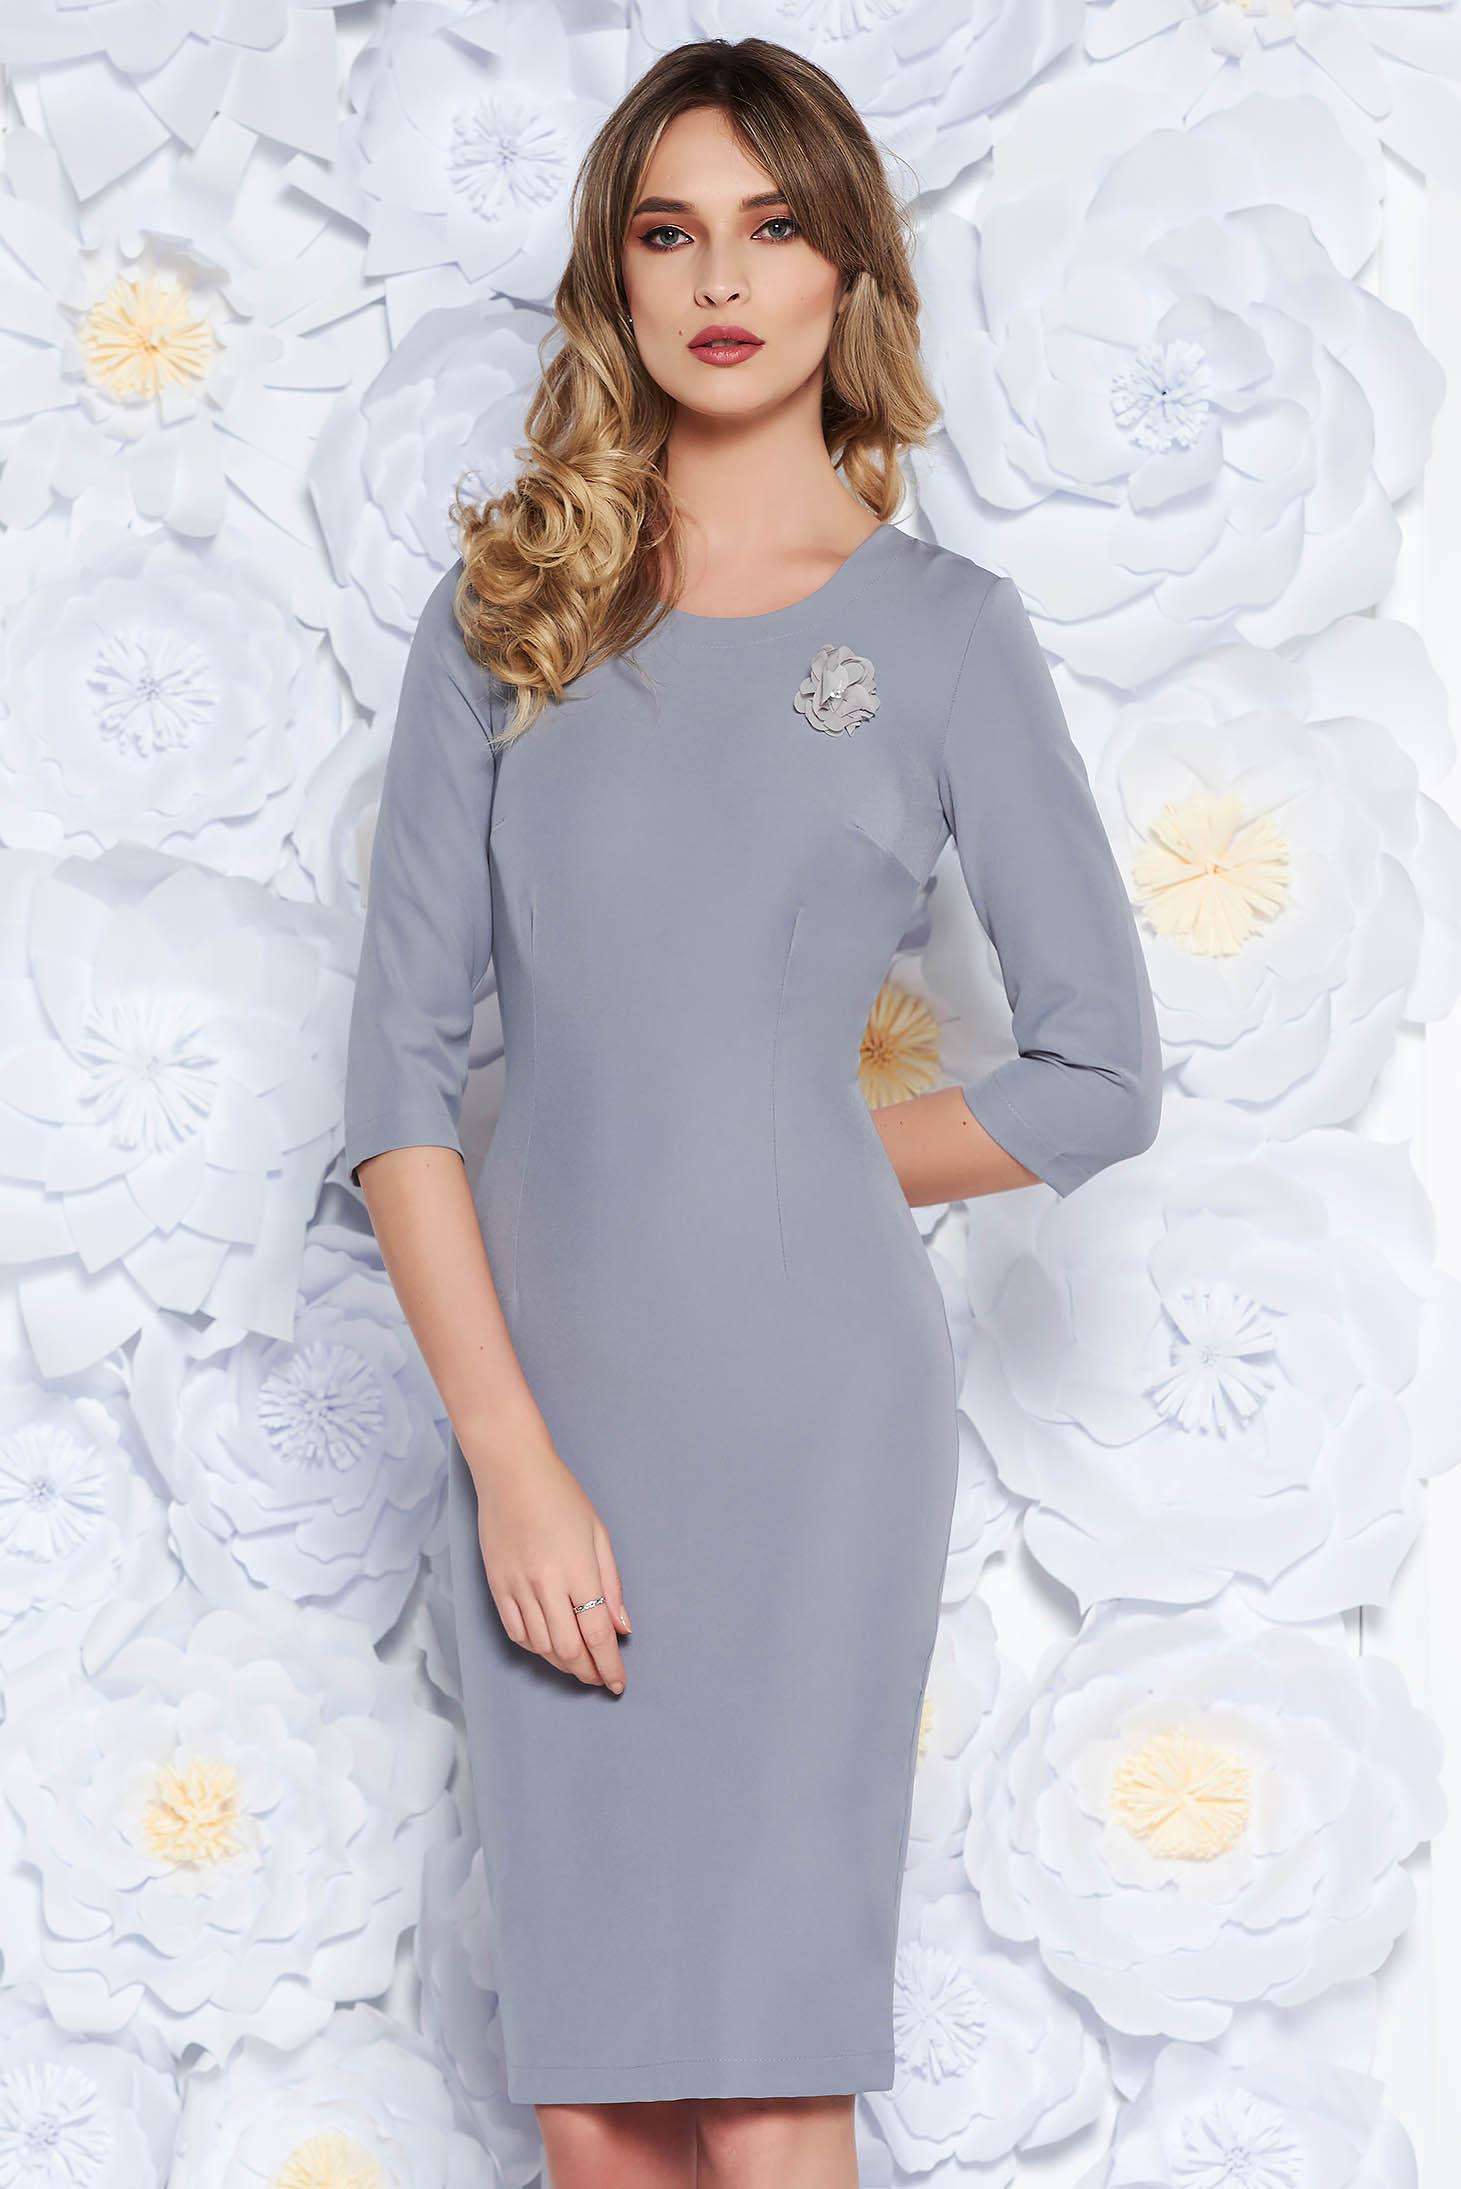 280e328693e9 starshiners-grey-dress-elegant-midi-pencil-slightl-S041868-2-407824.jpg